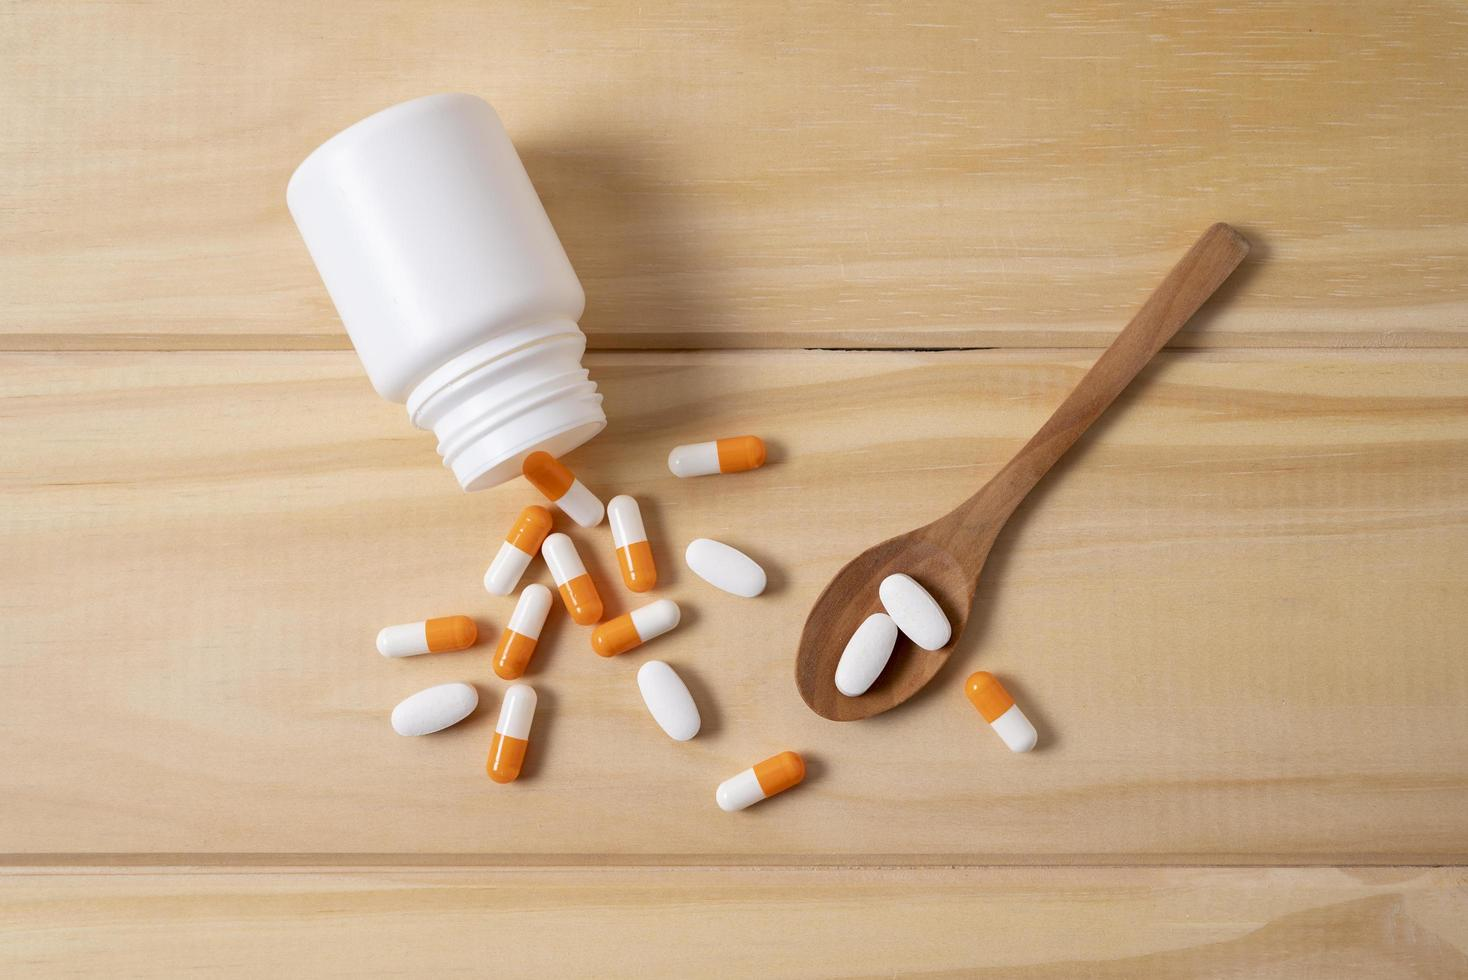 högvinkelsked med olika piller foto